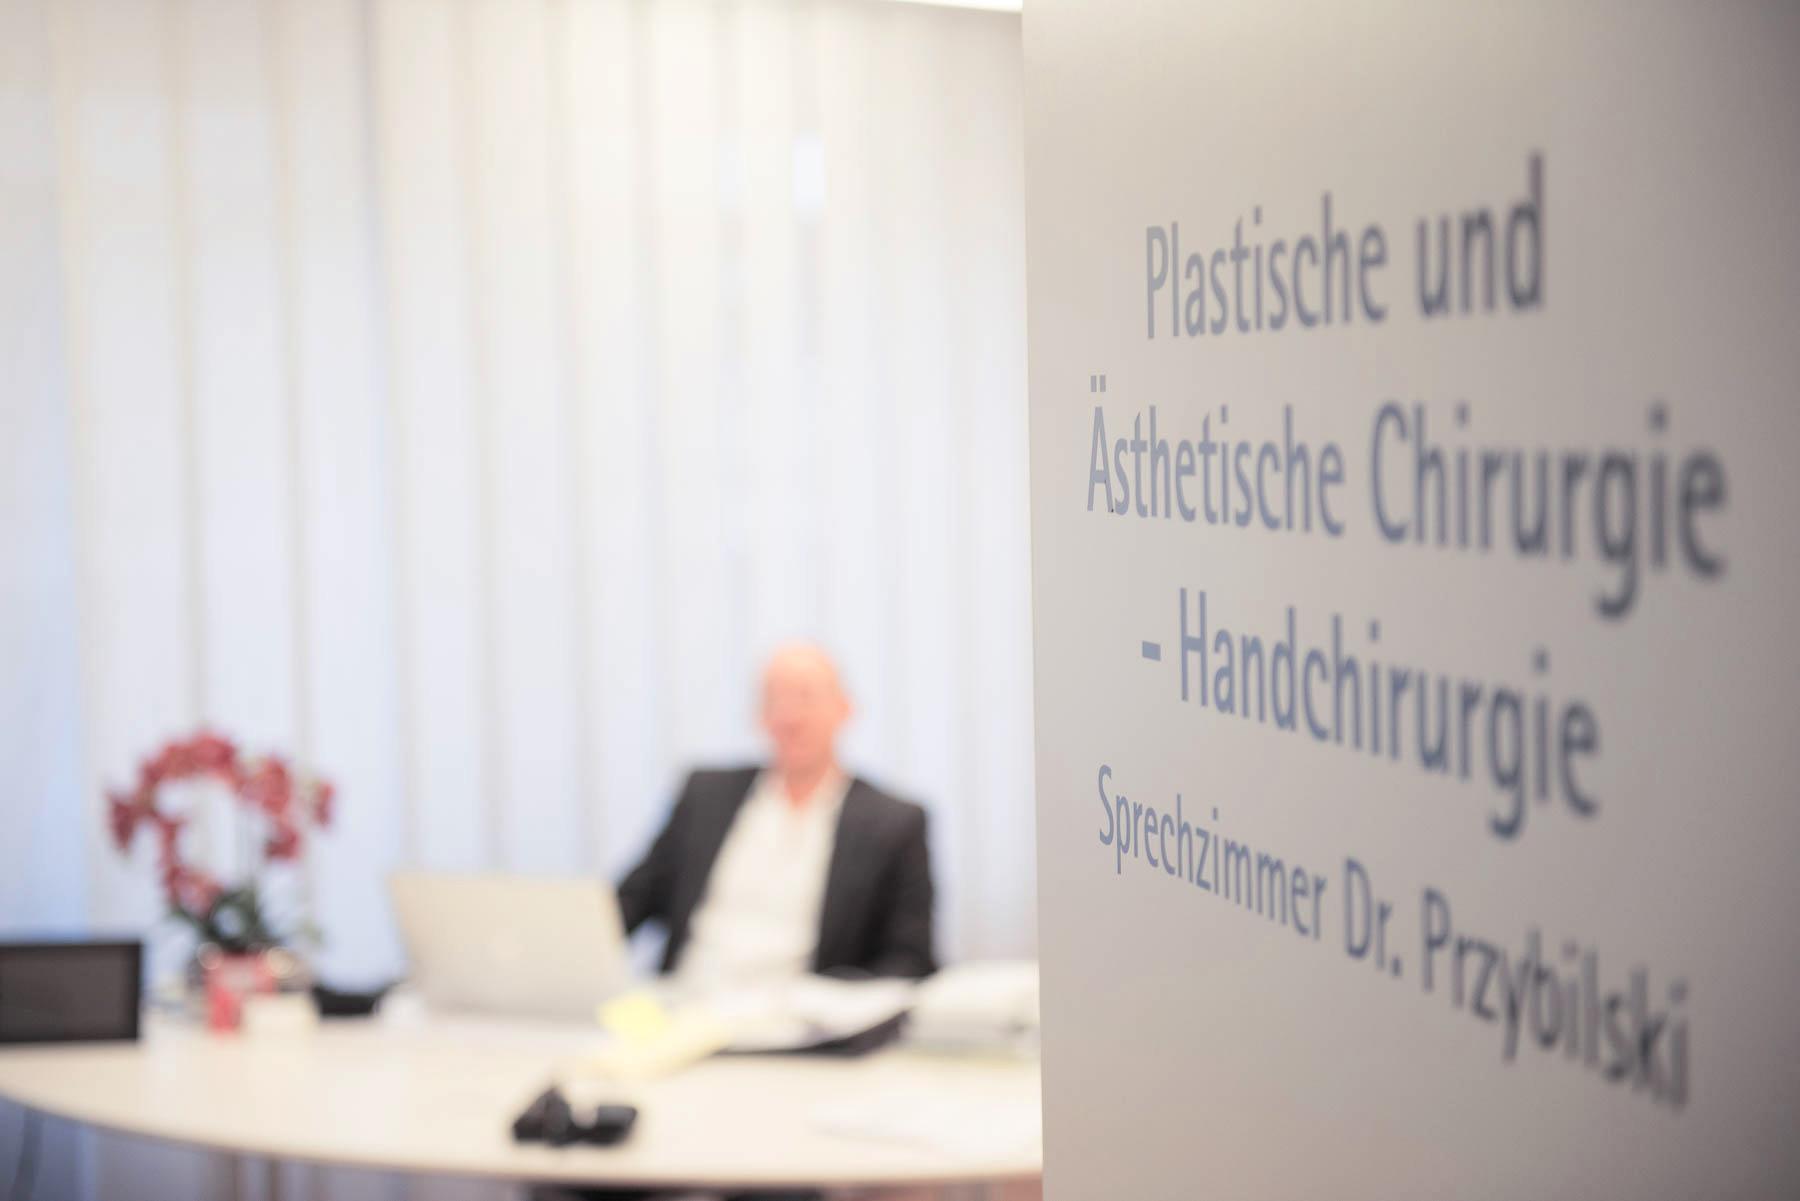 Dr Przybilski Plastischer Chirurg Frankfurt